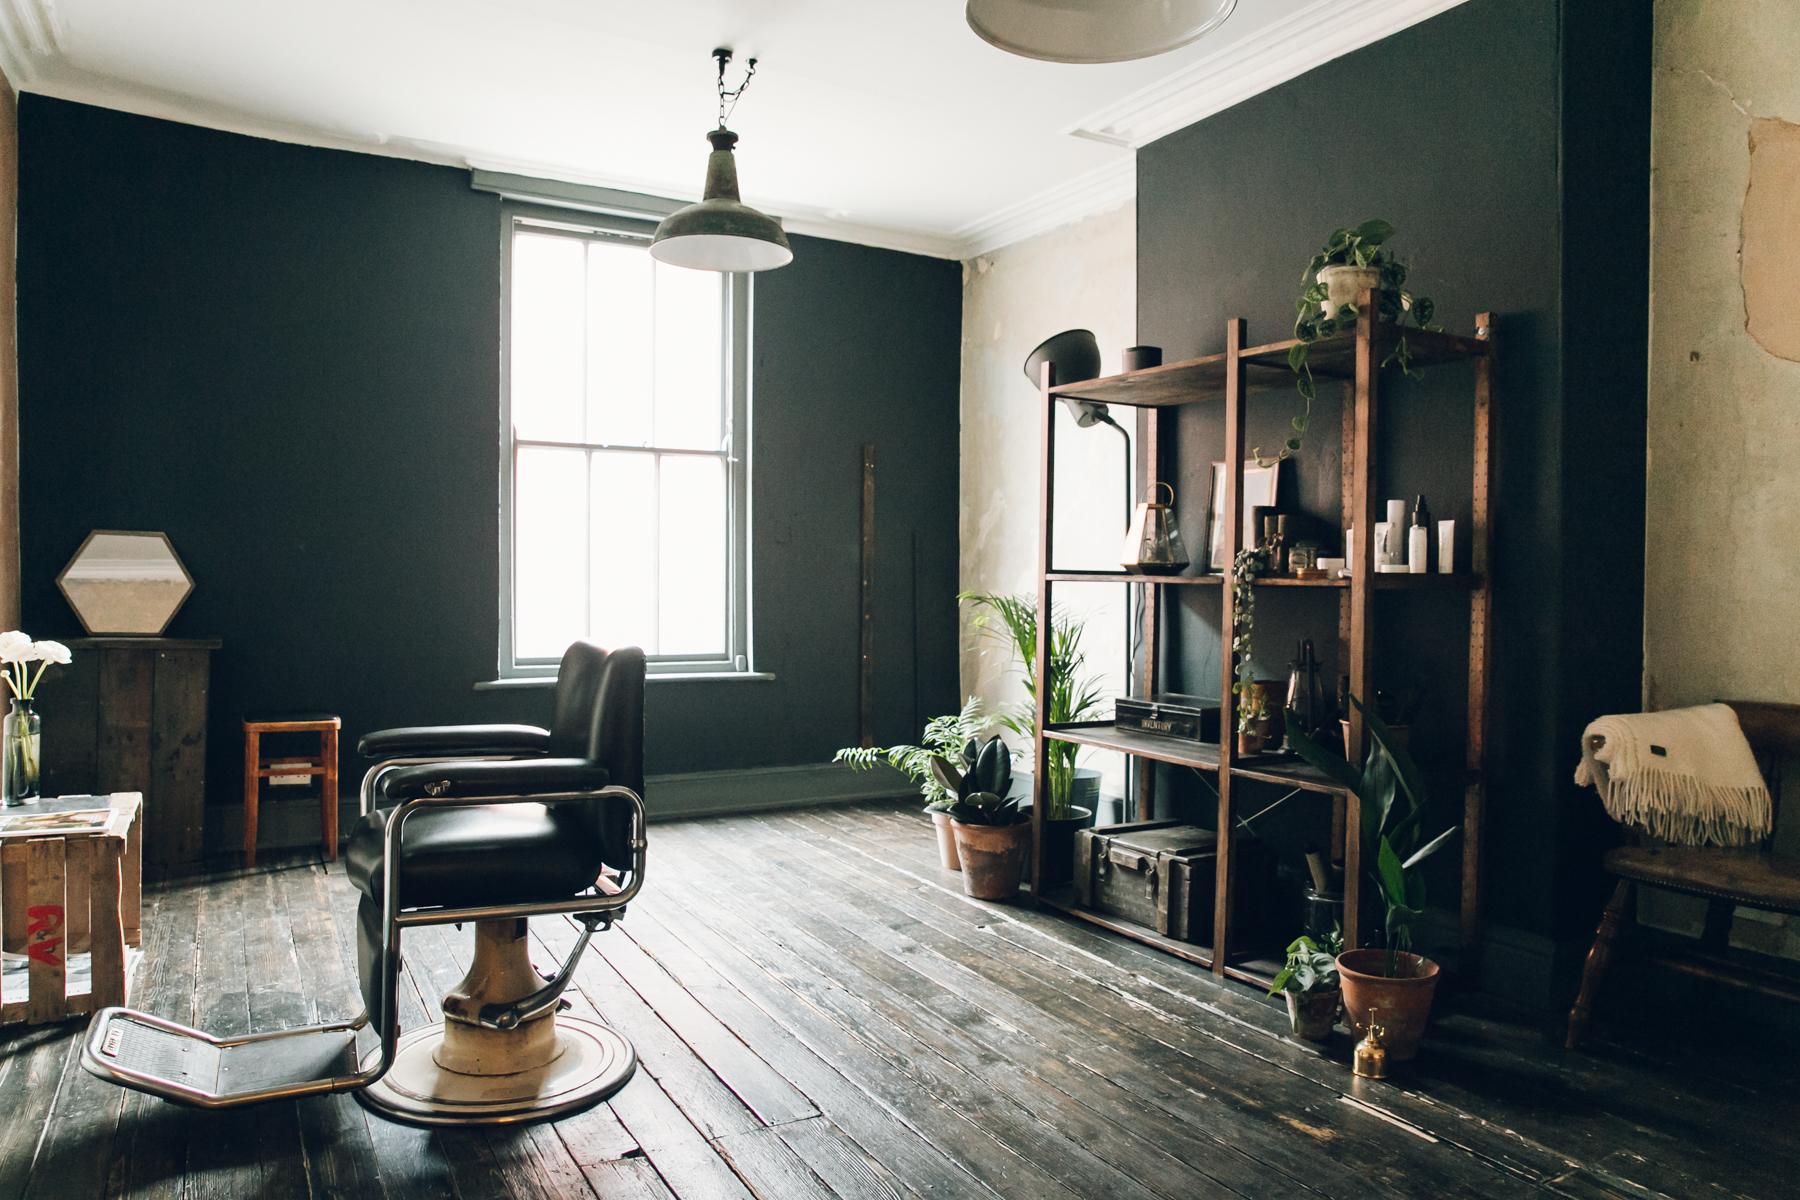 Inside Kojo & Lee, a plant-filled hair salon in Sheffield.